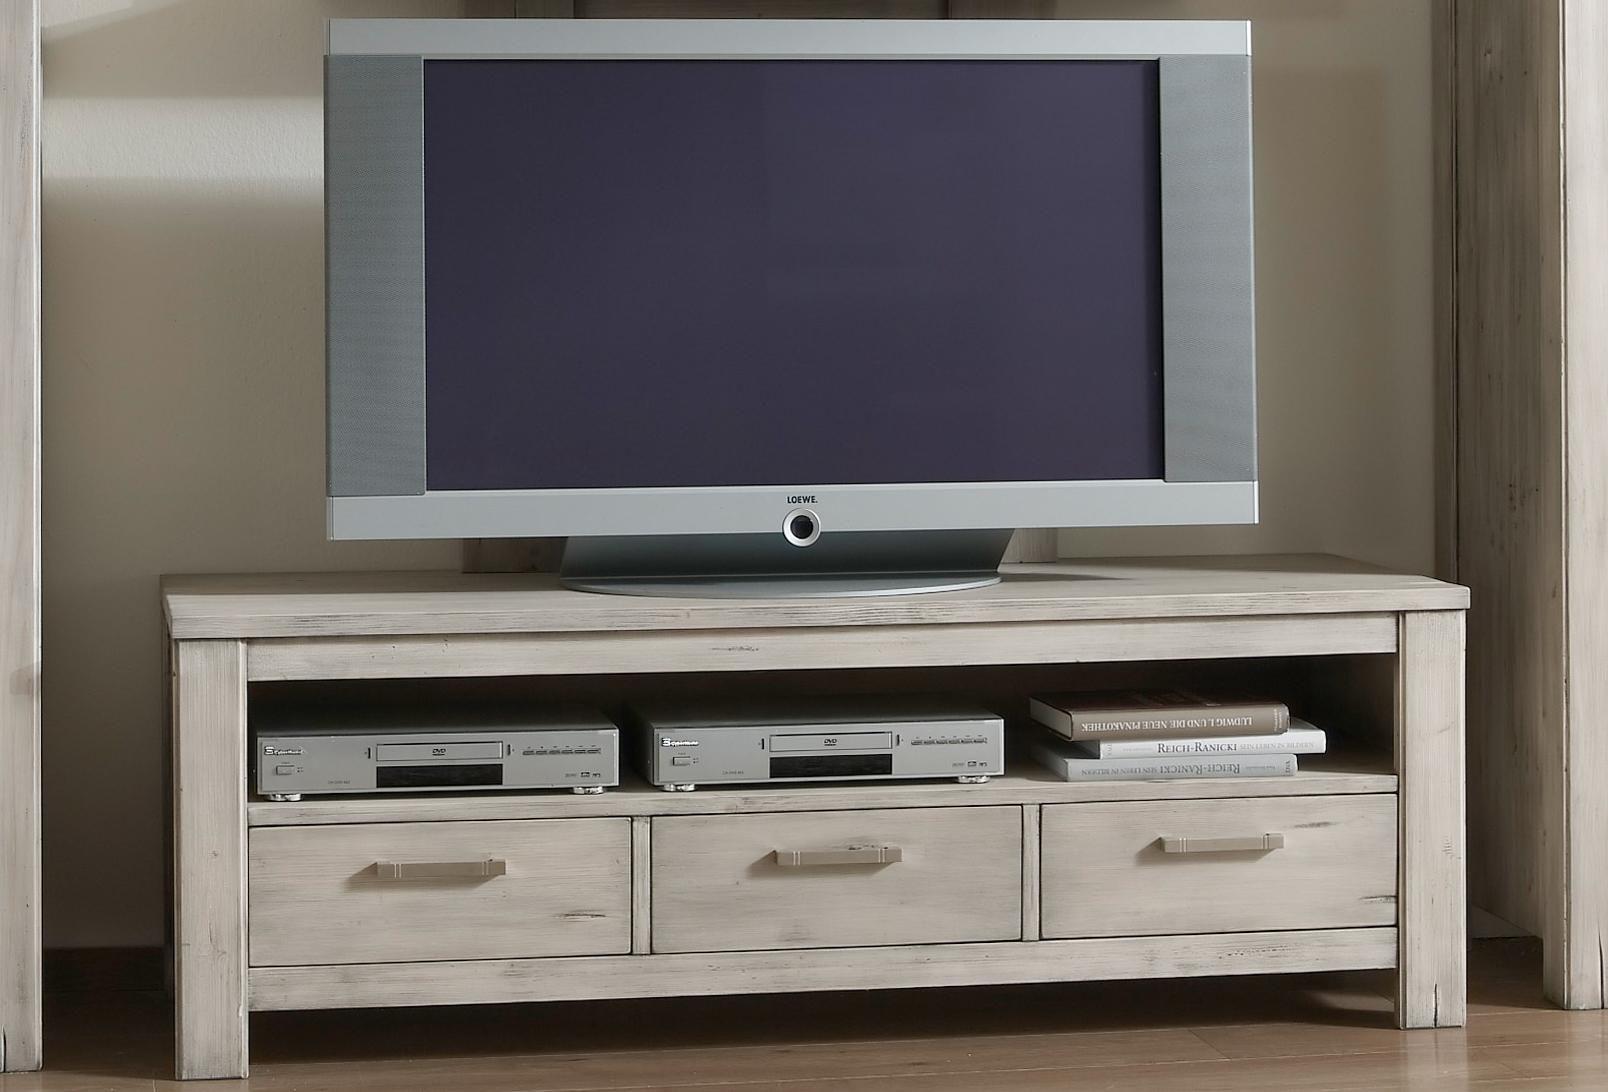 FAVORIT Favorit  TV-Lowboard »Lucca«, Breite 156 cm